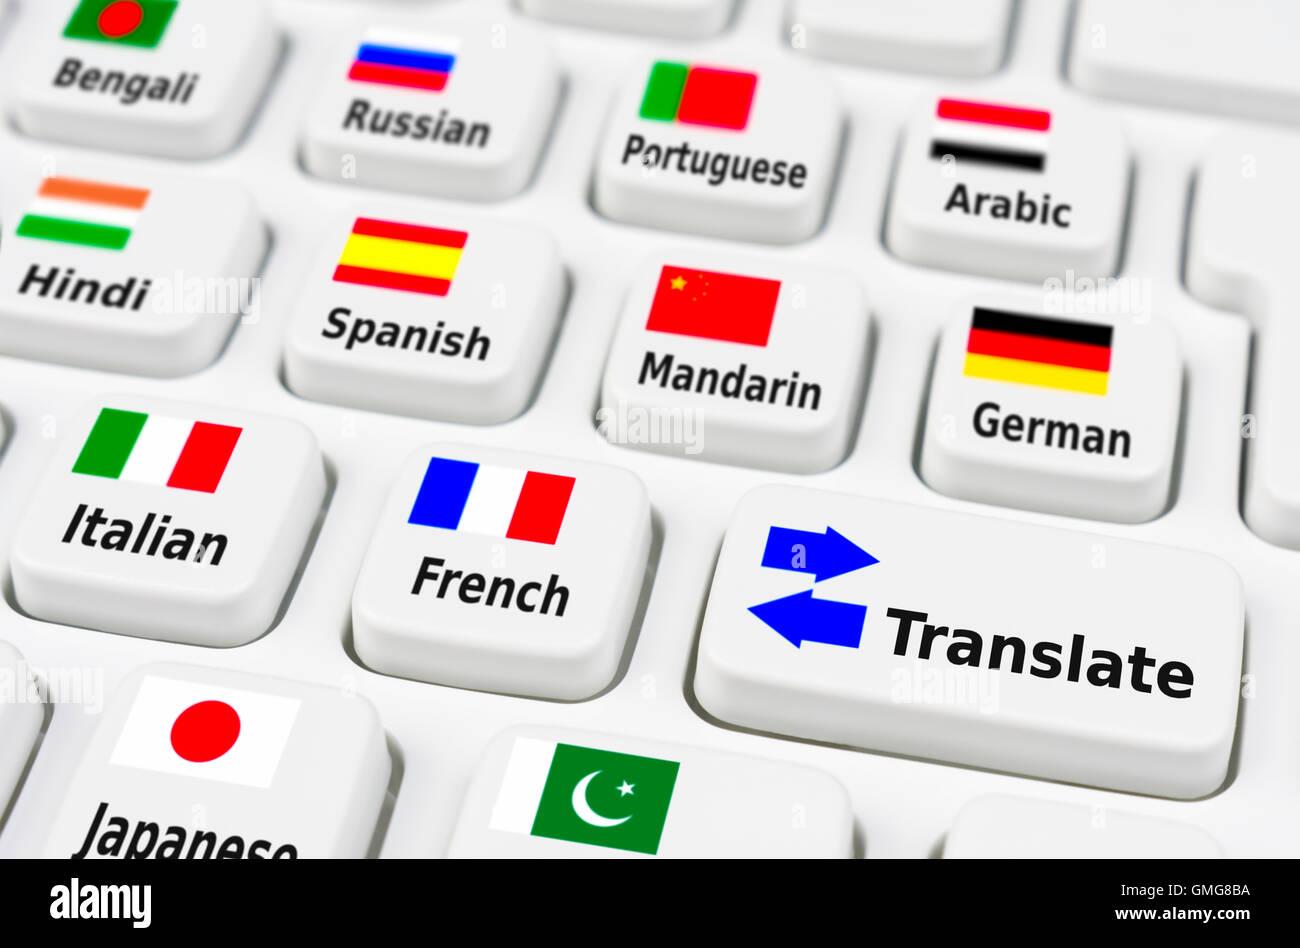 Sprache Übersetzung mit einer PC-Tastatur. Stockbild